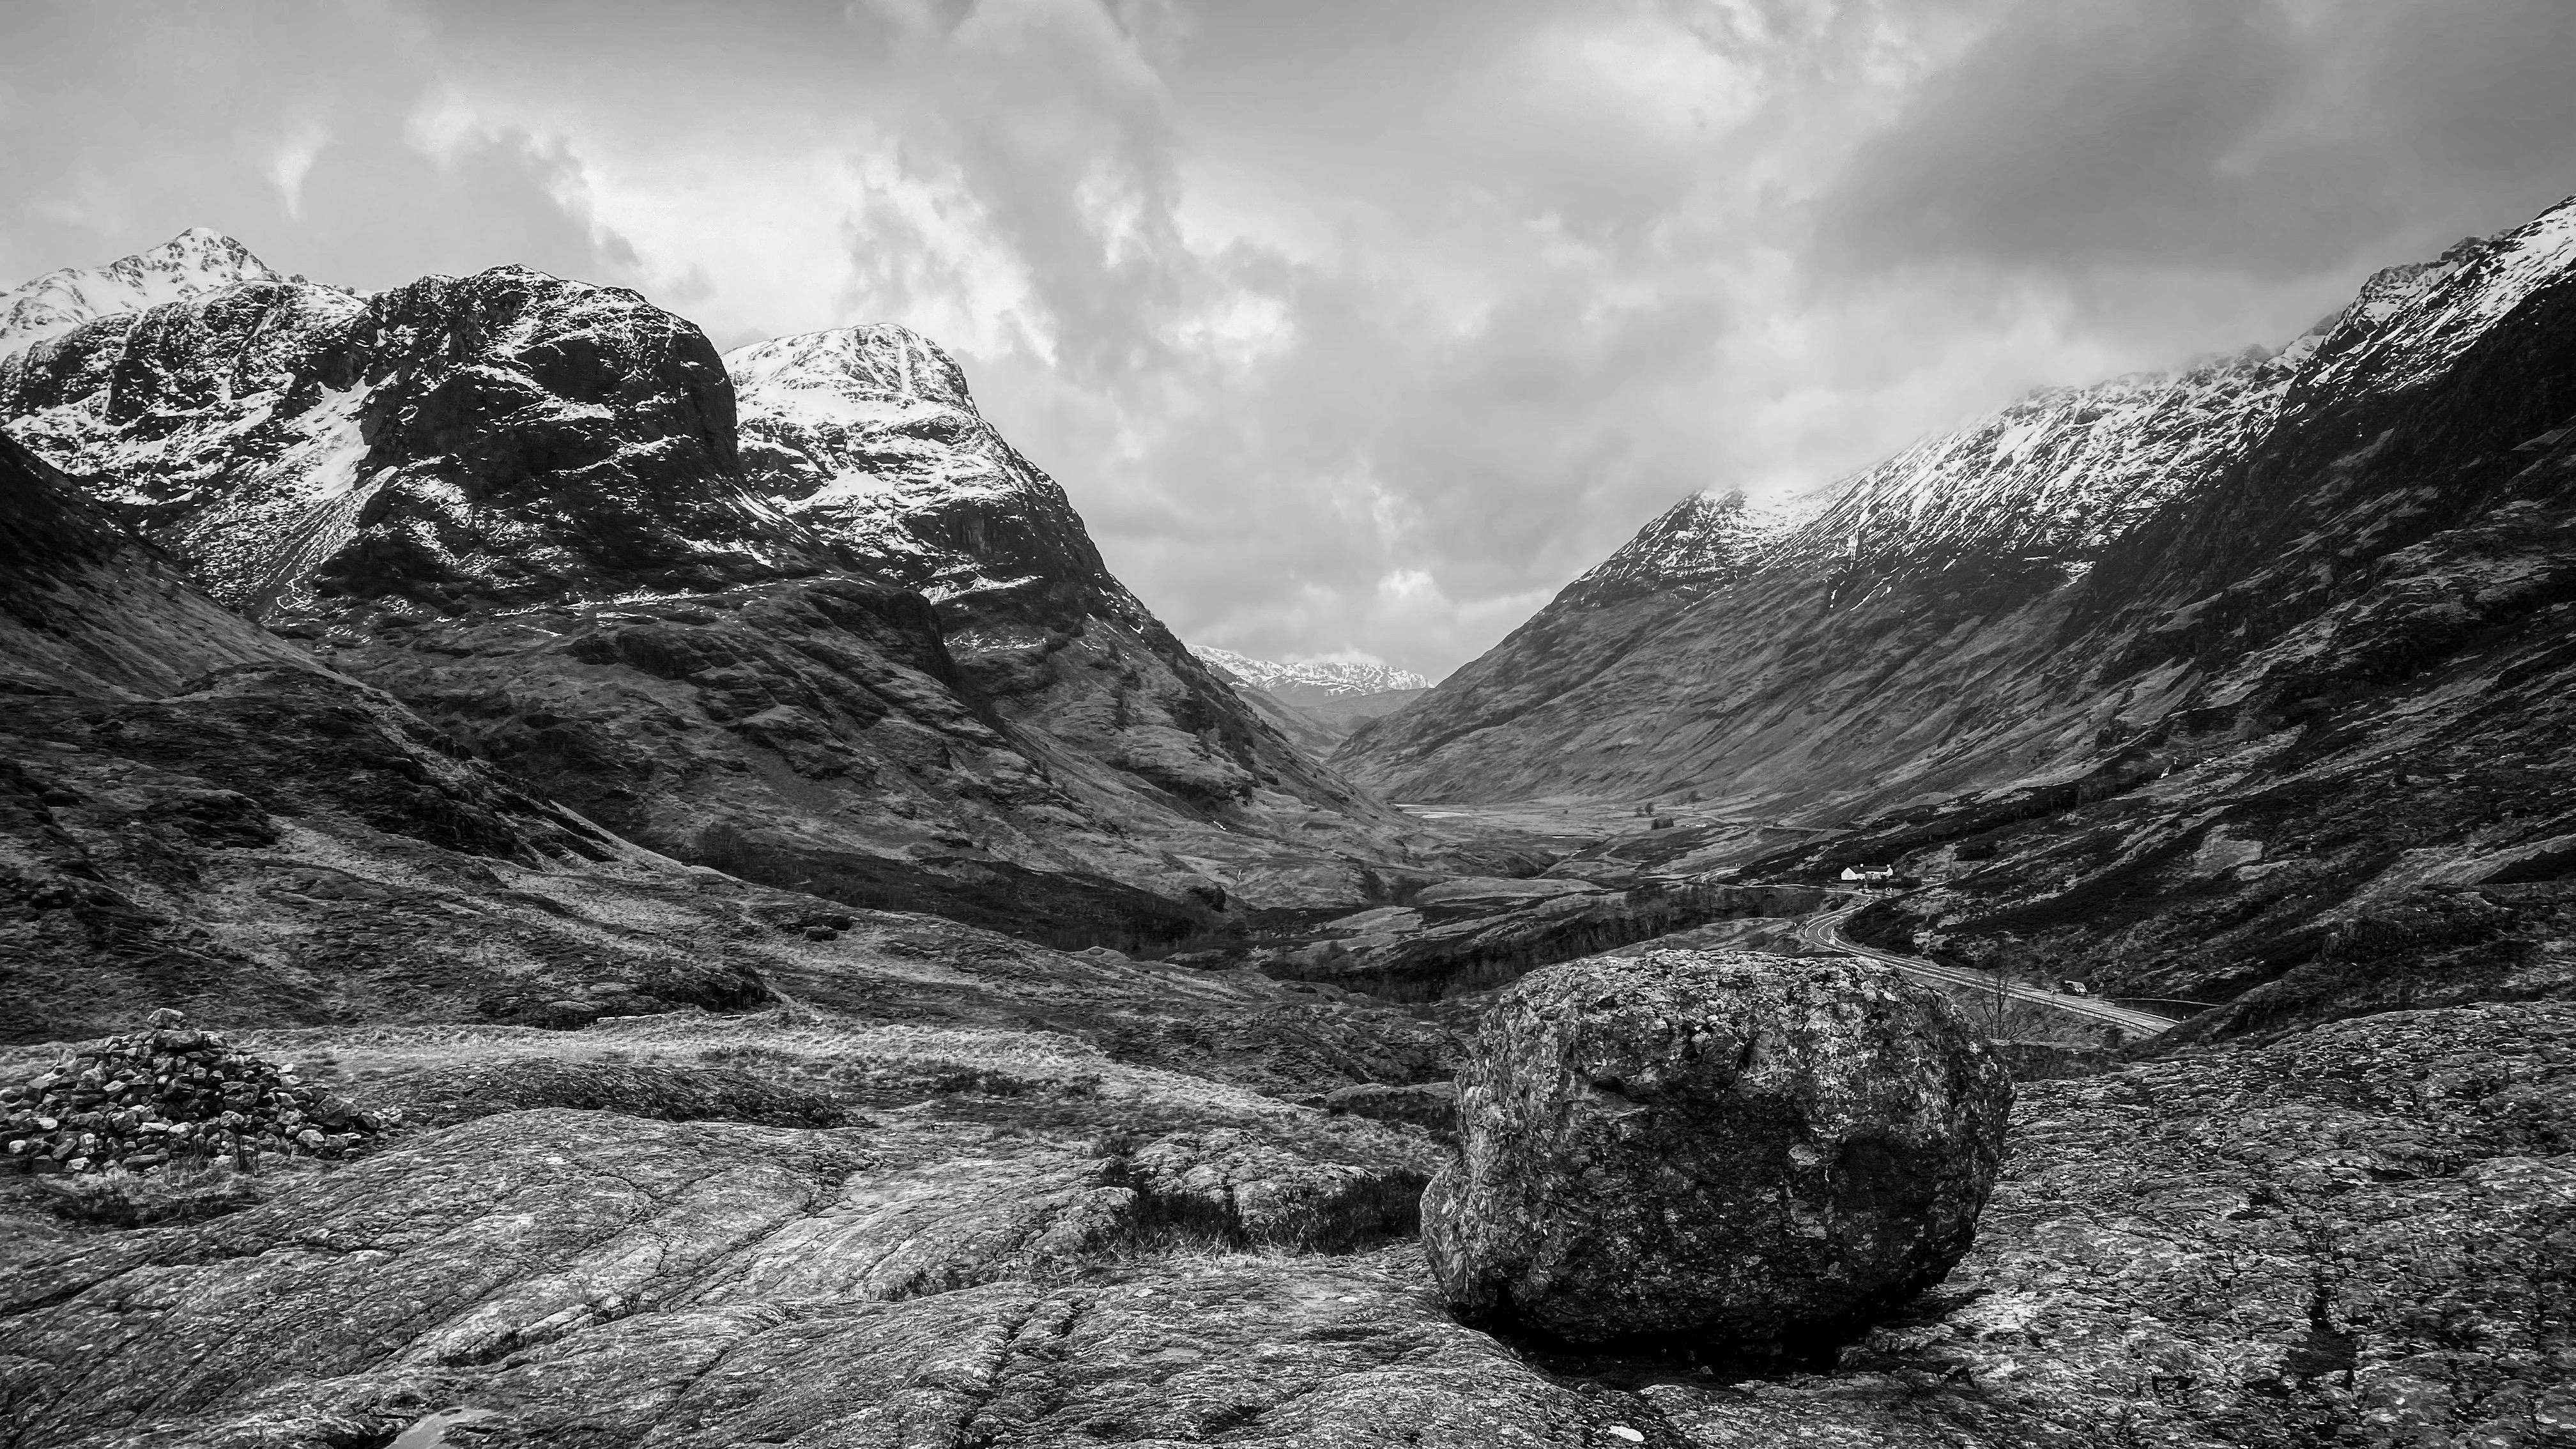 Una foto de paisaje de una montaña en blanco y negro.